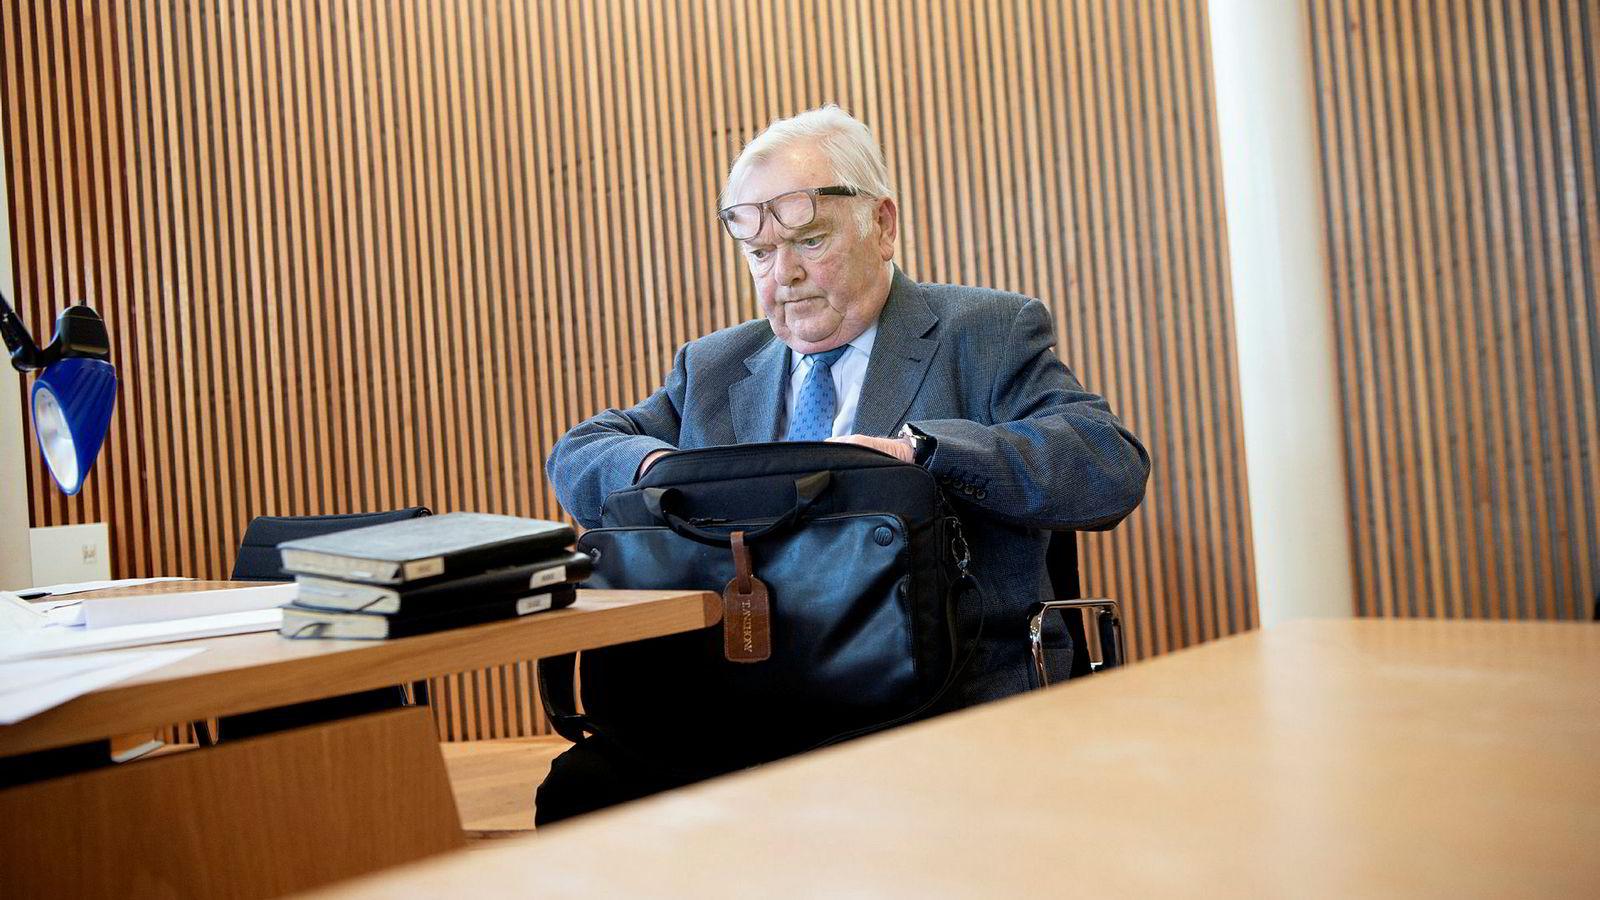 Mange års håndskrevne dagbøker hjalp ikke Herbjørn Hansson i rettssaken mot hans tidligere finansdirektør og høyre hånd, Turid Moe Sørensen.